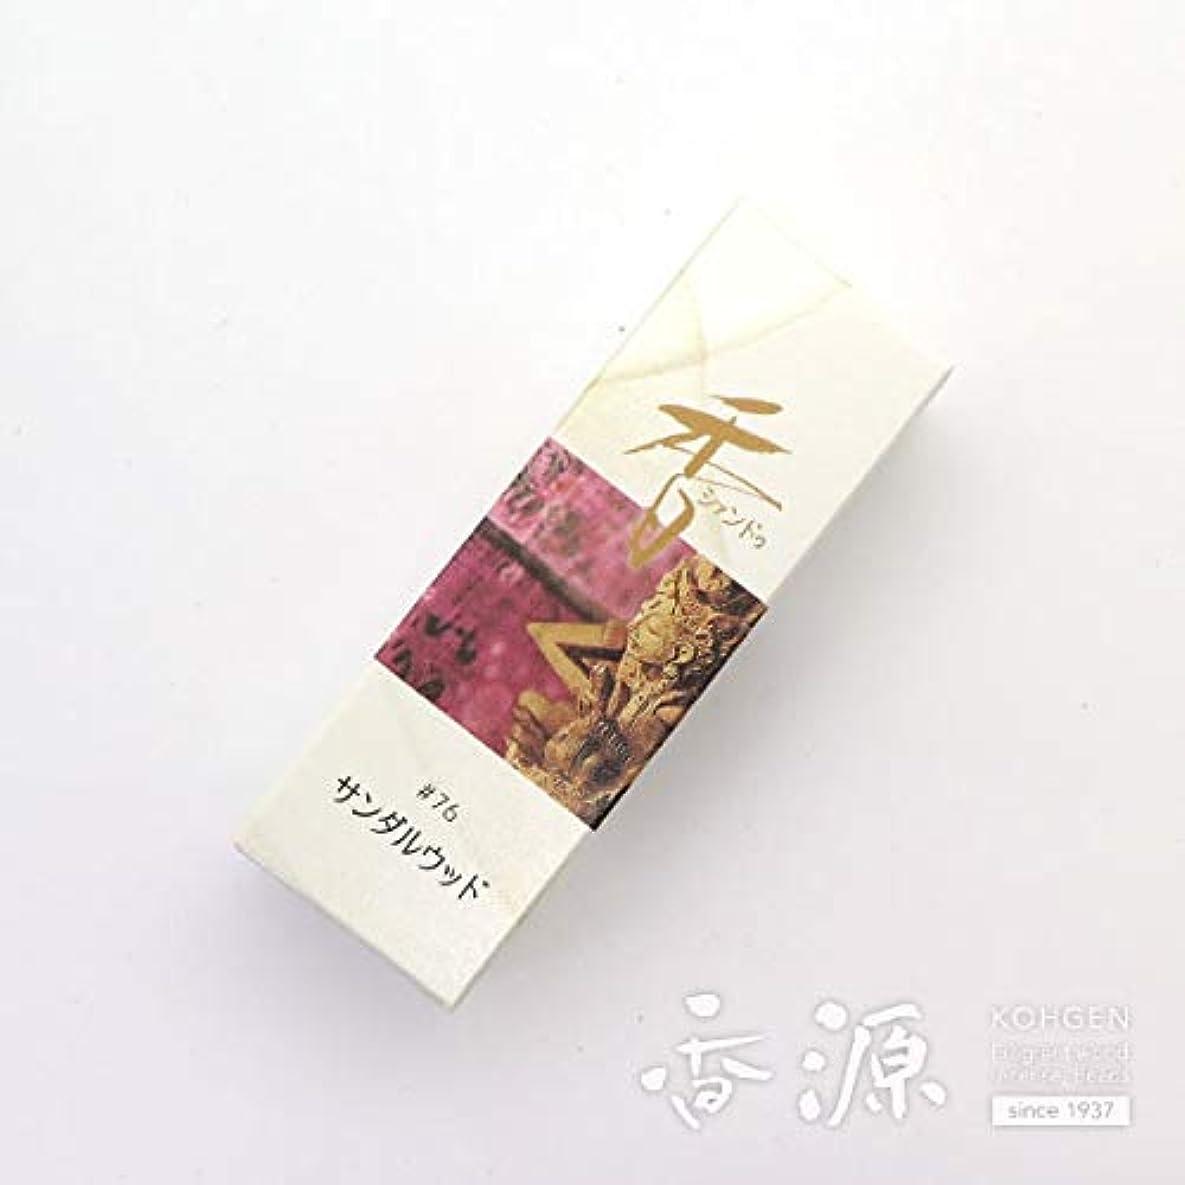 年黒板エンジニア松栄堂のお香 Xiang Do サンダルウッド ST20本入 簡易香立付 #214276